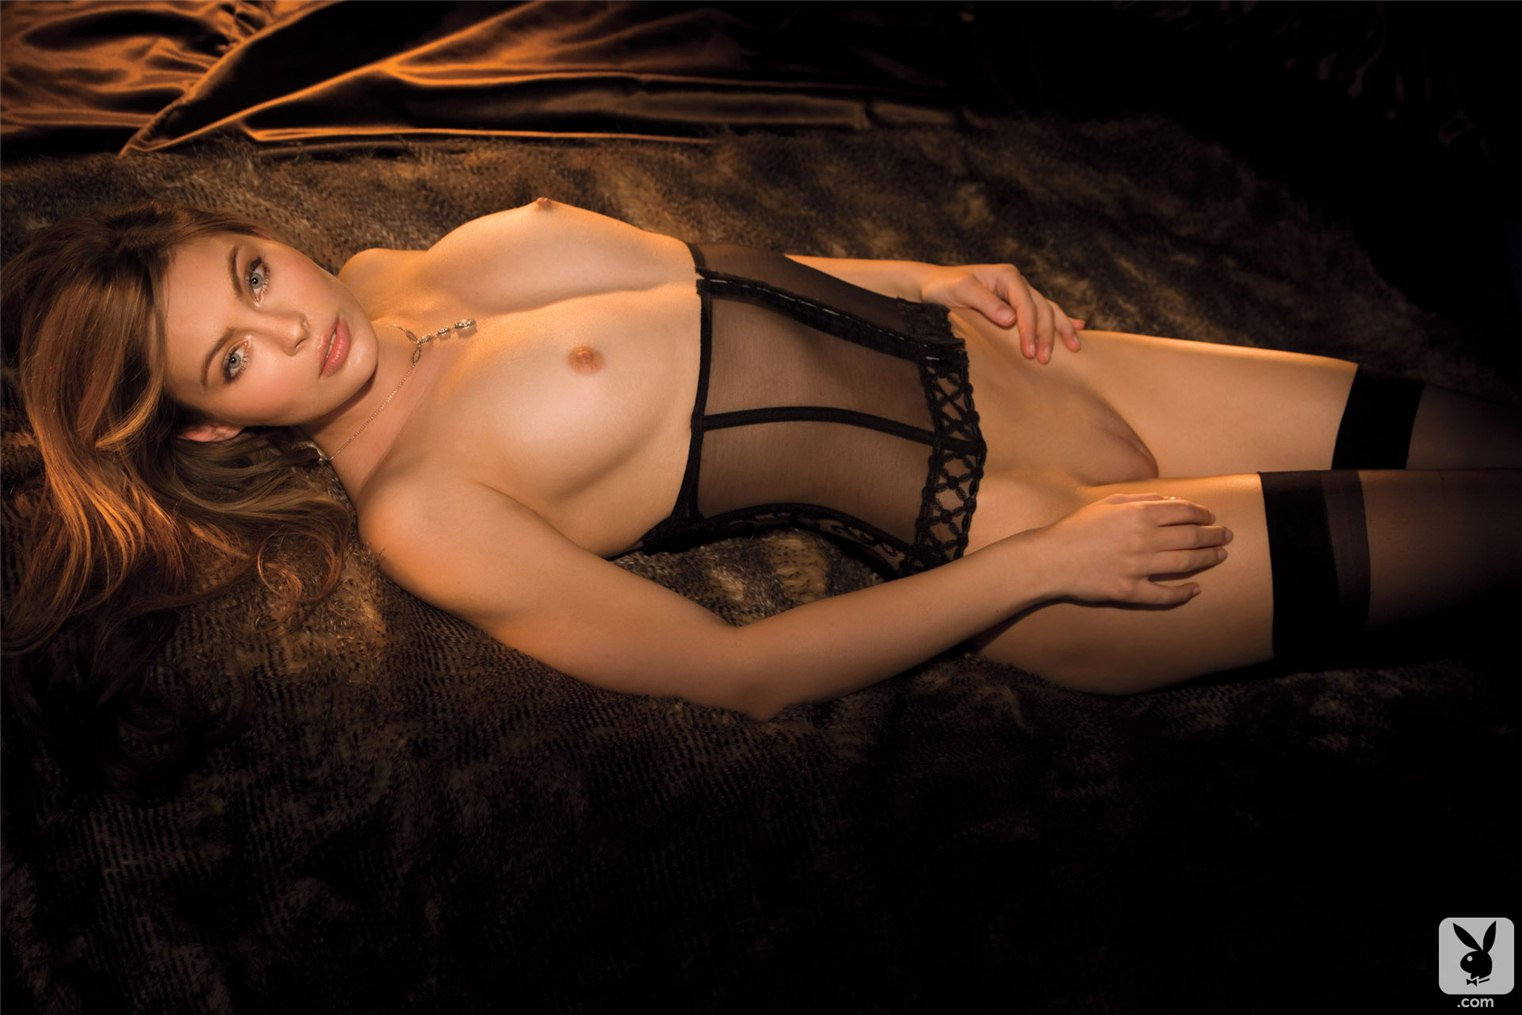 foto-erotika-lezhashie-devushki-na-rabochiy-stol